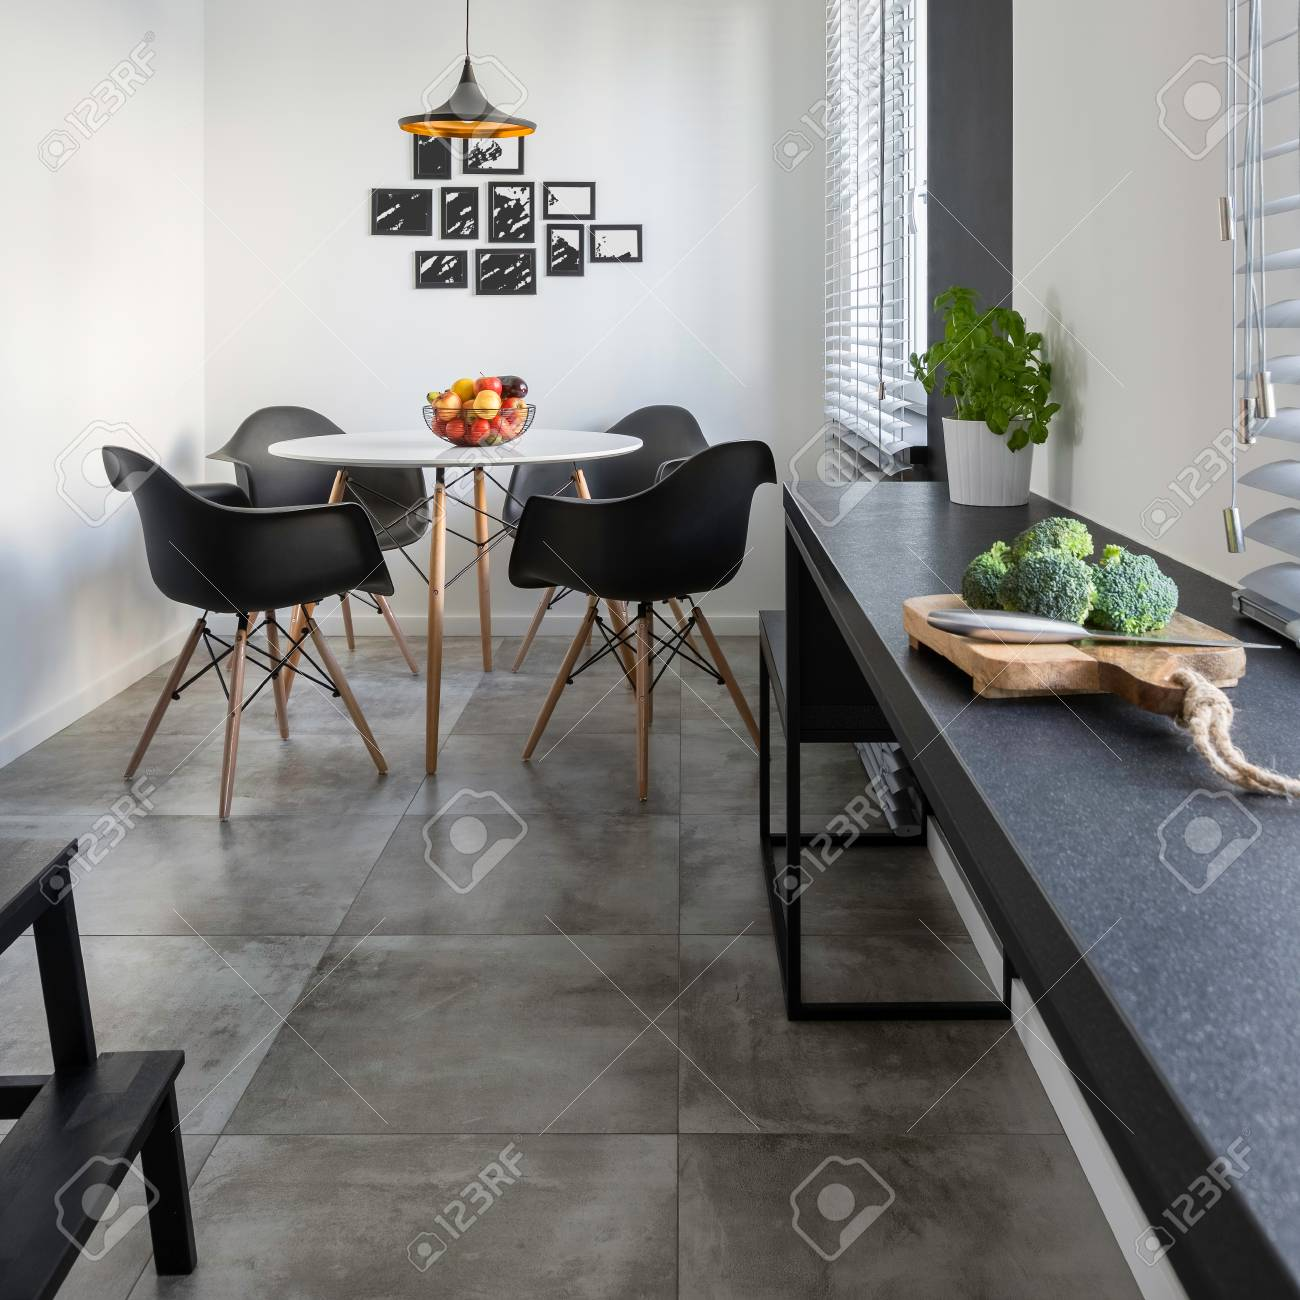 Kuche Mit Langer Granit Arbeitsplatte Betonbodenfliesen Und Runden